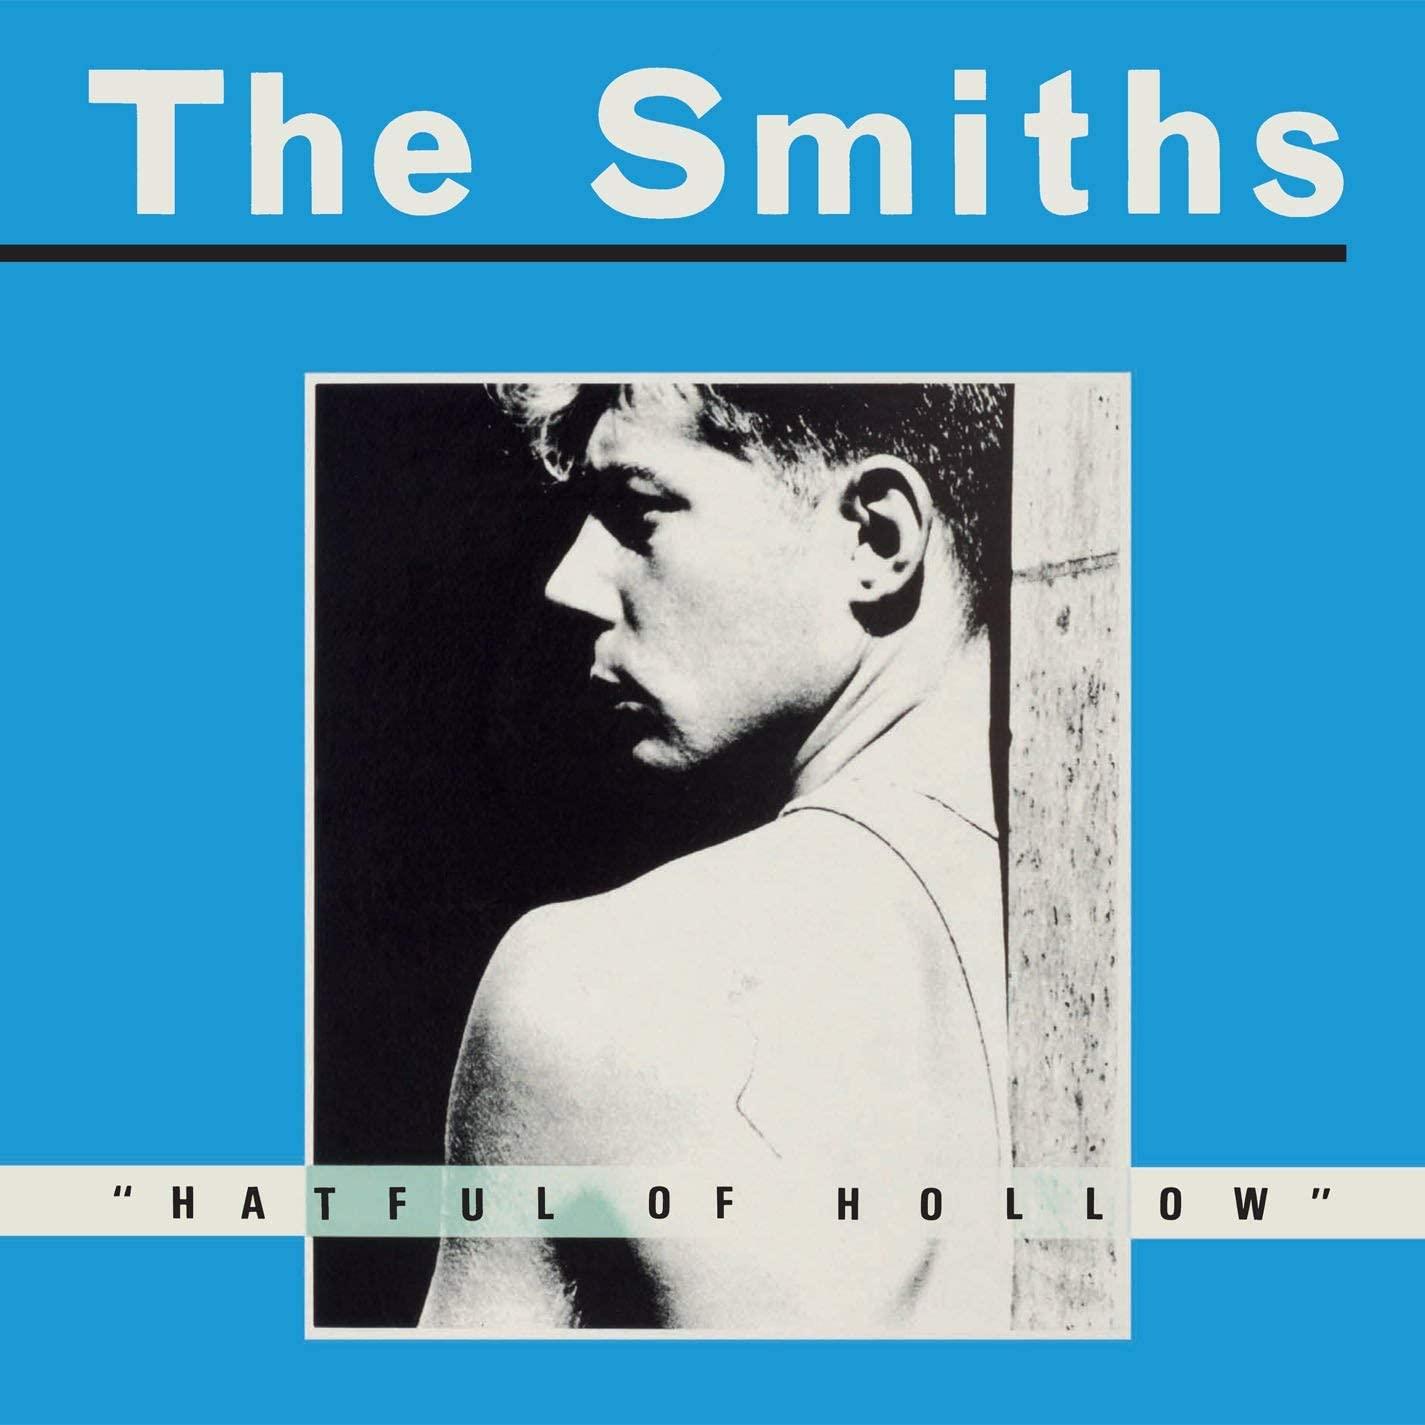 The Smiths - Hatful Of Hollow [VINYL] £11.99 (Prime) £14.98 (non Prime) at Amazon